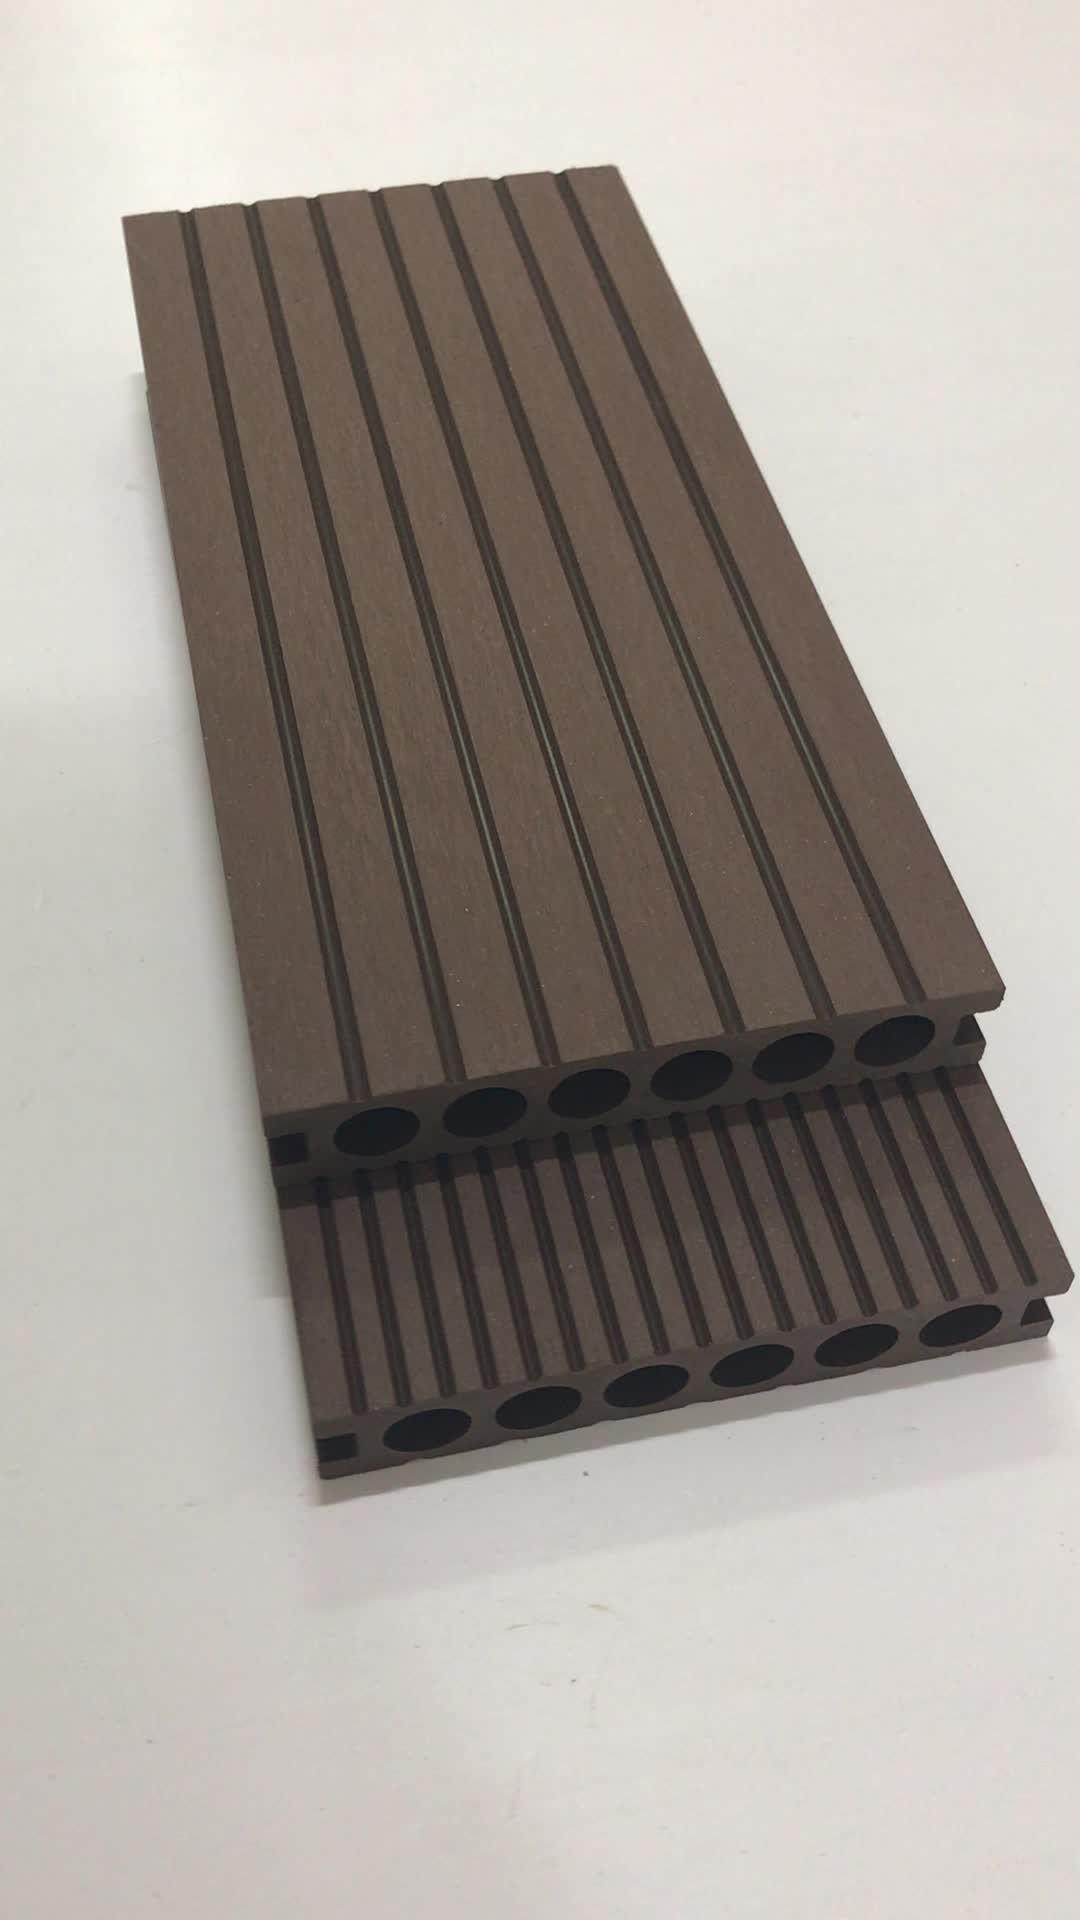 Mooie waterdichte outdoor hout kunststof composiet terrasplanken/floor covering